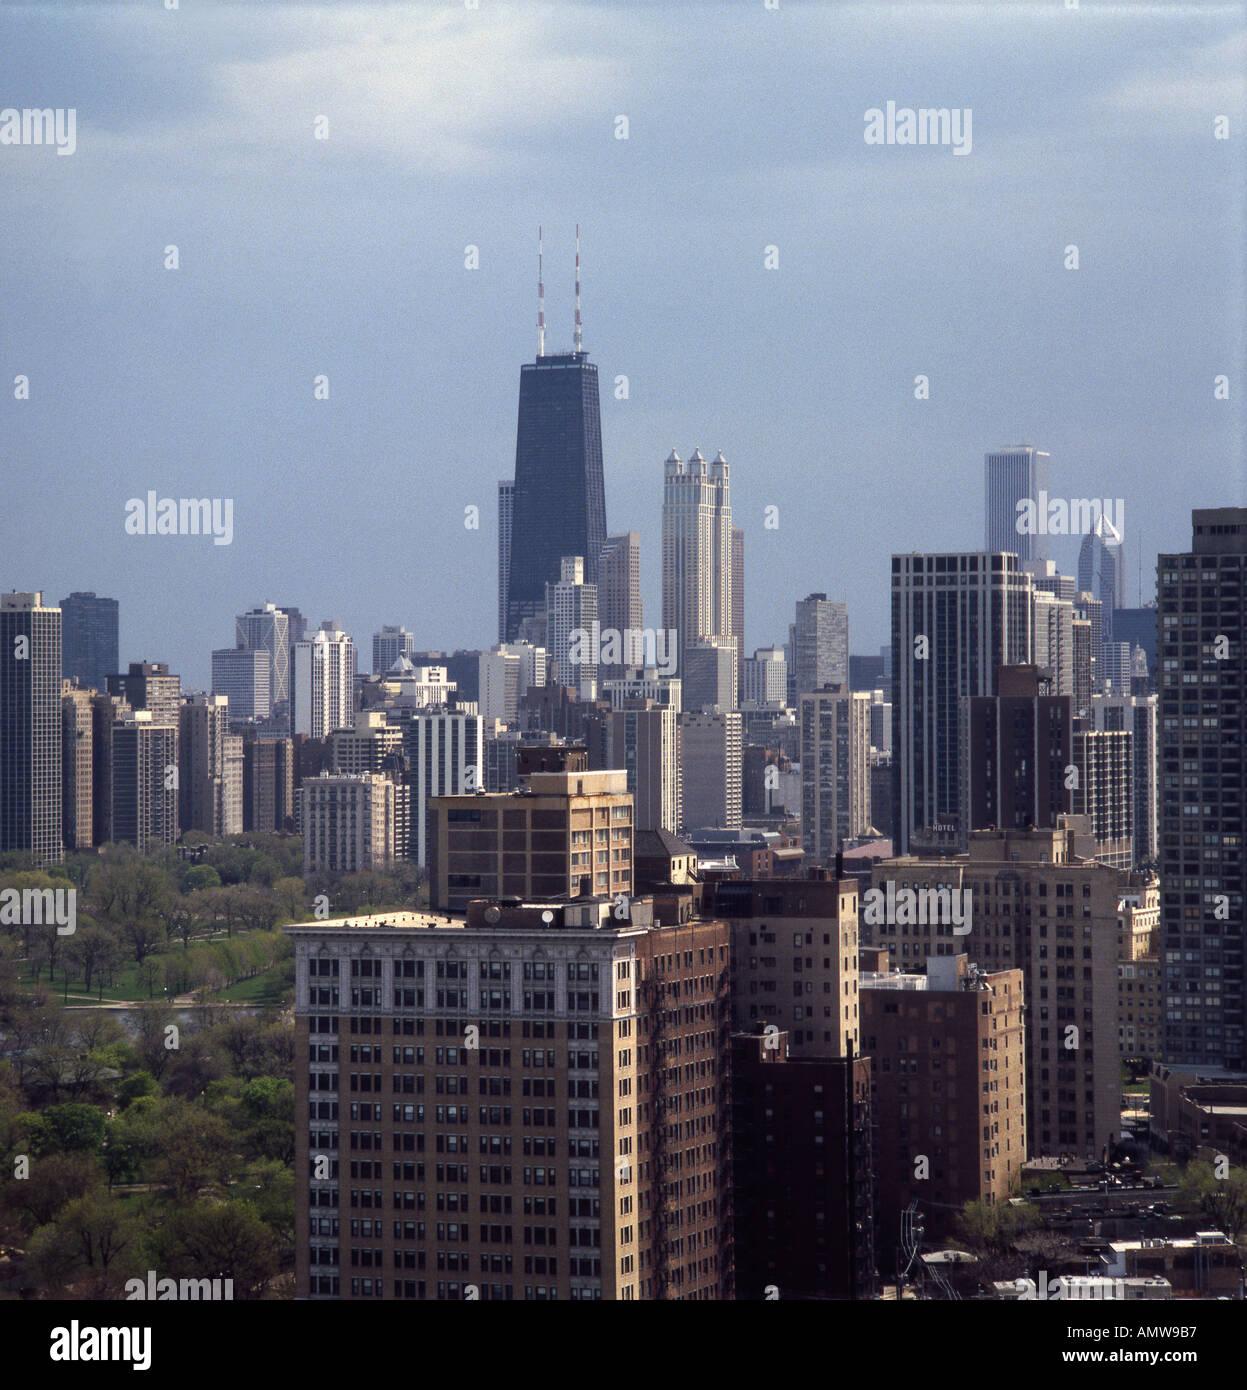 Broadstone Skyline Houston Tx: Mies Van Der Rohe Stock Photos & Mies Van Der Rohe Stock